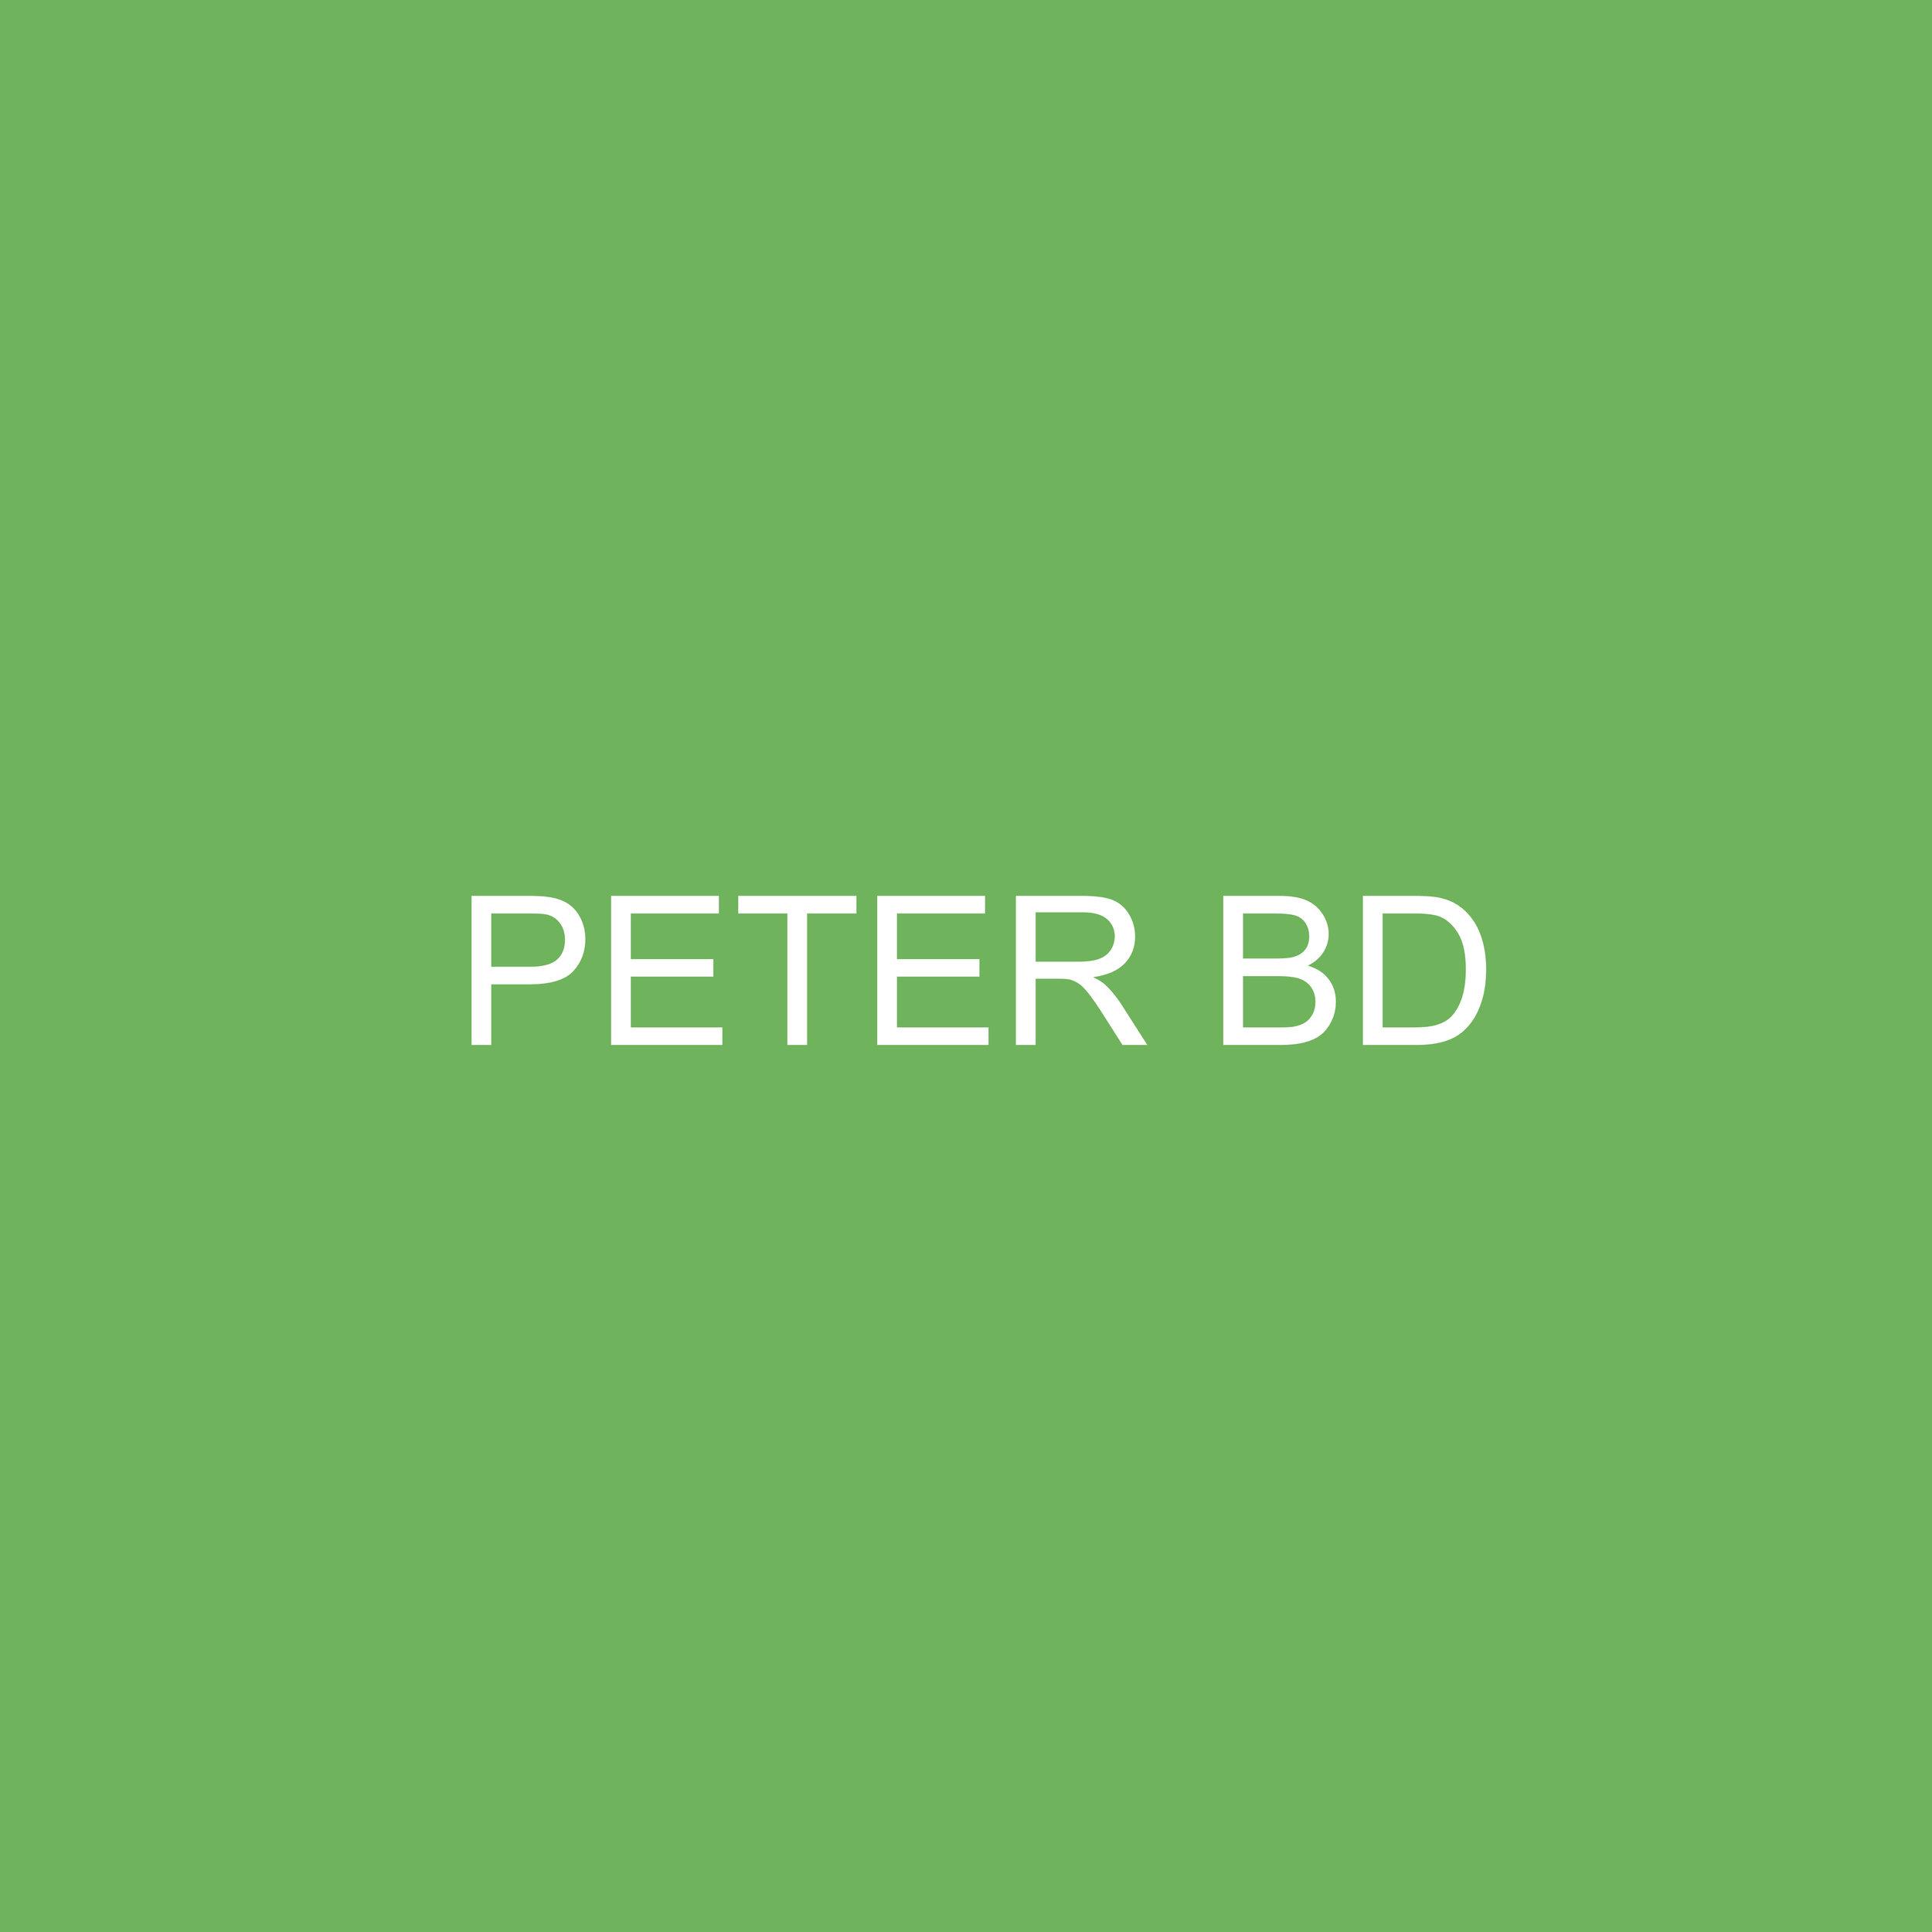 PETERBD.jpg